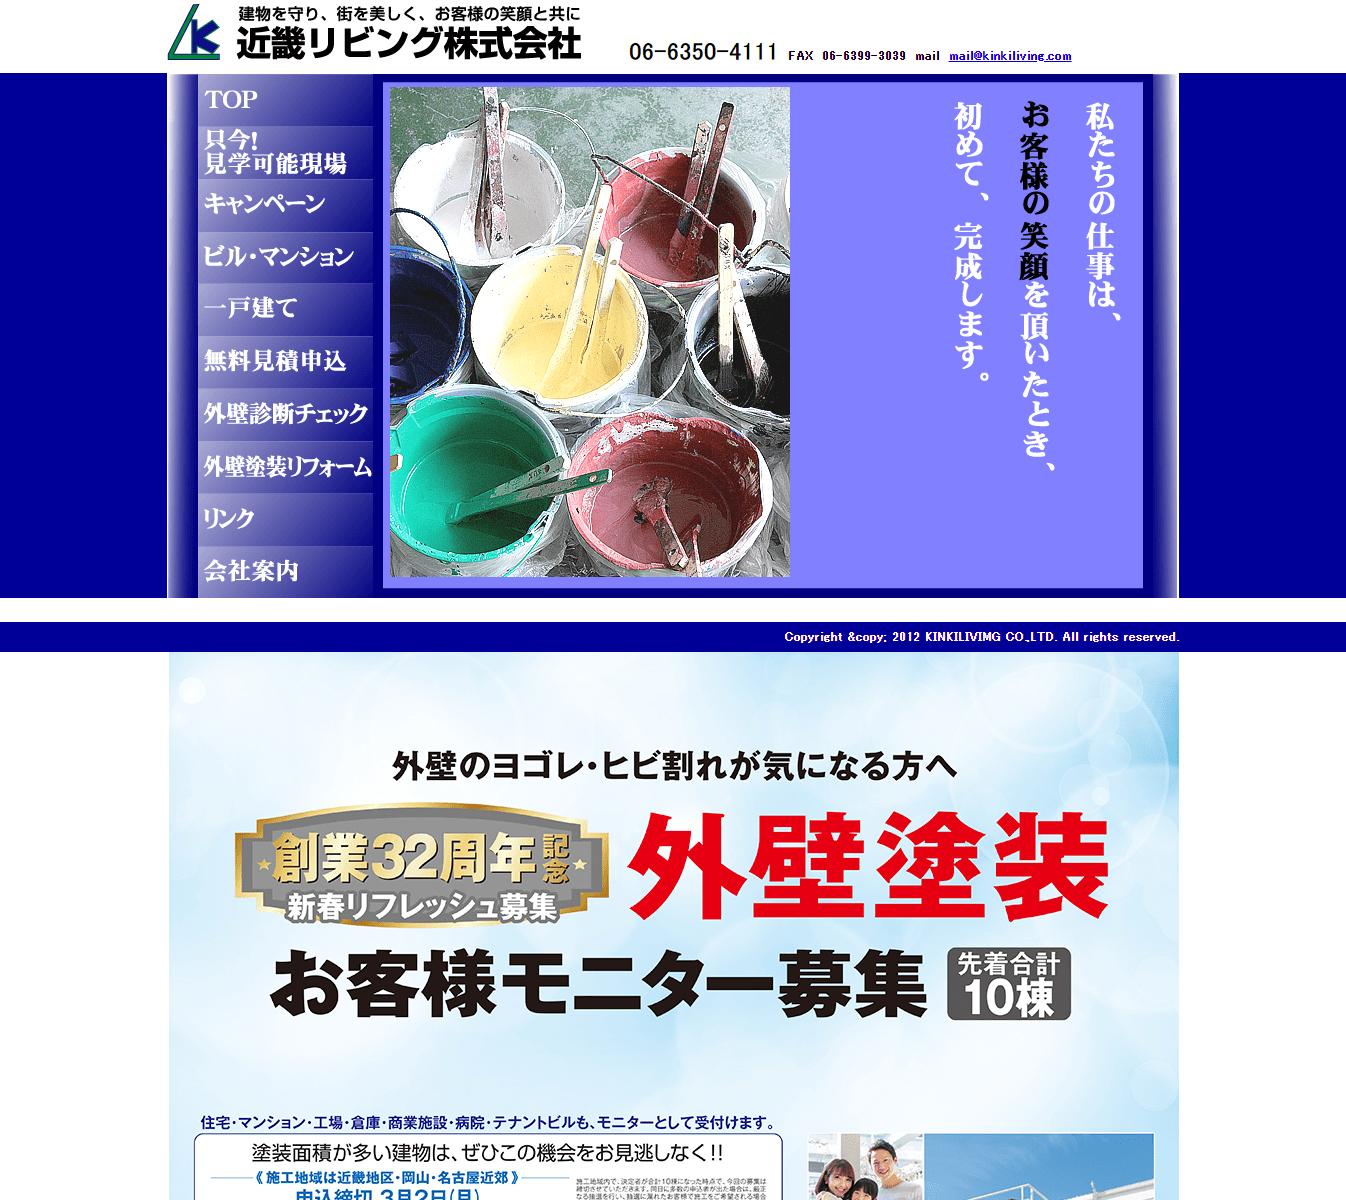 近畿リビング株式会社の口コミや評判